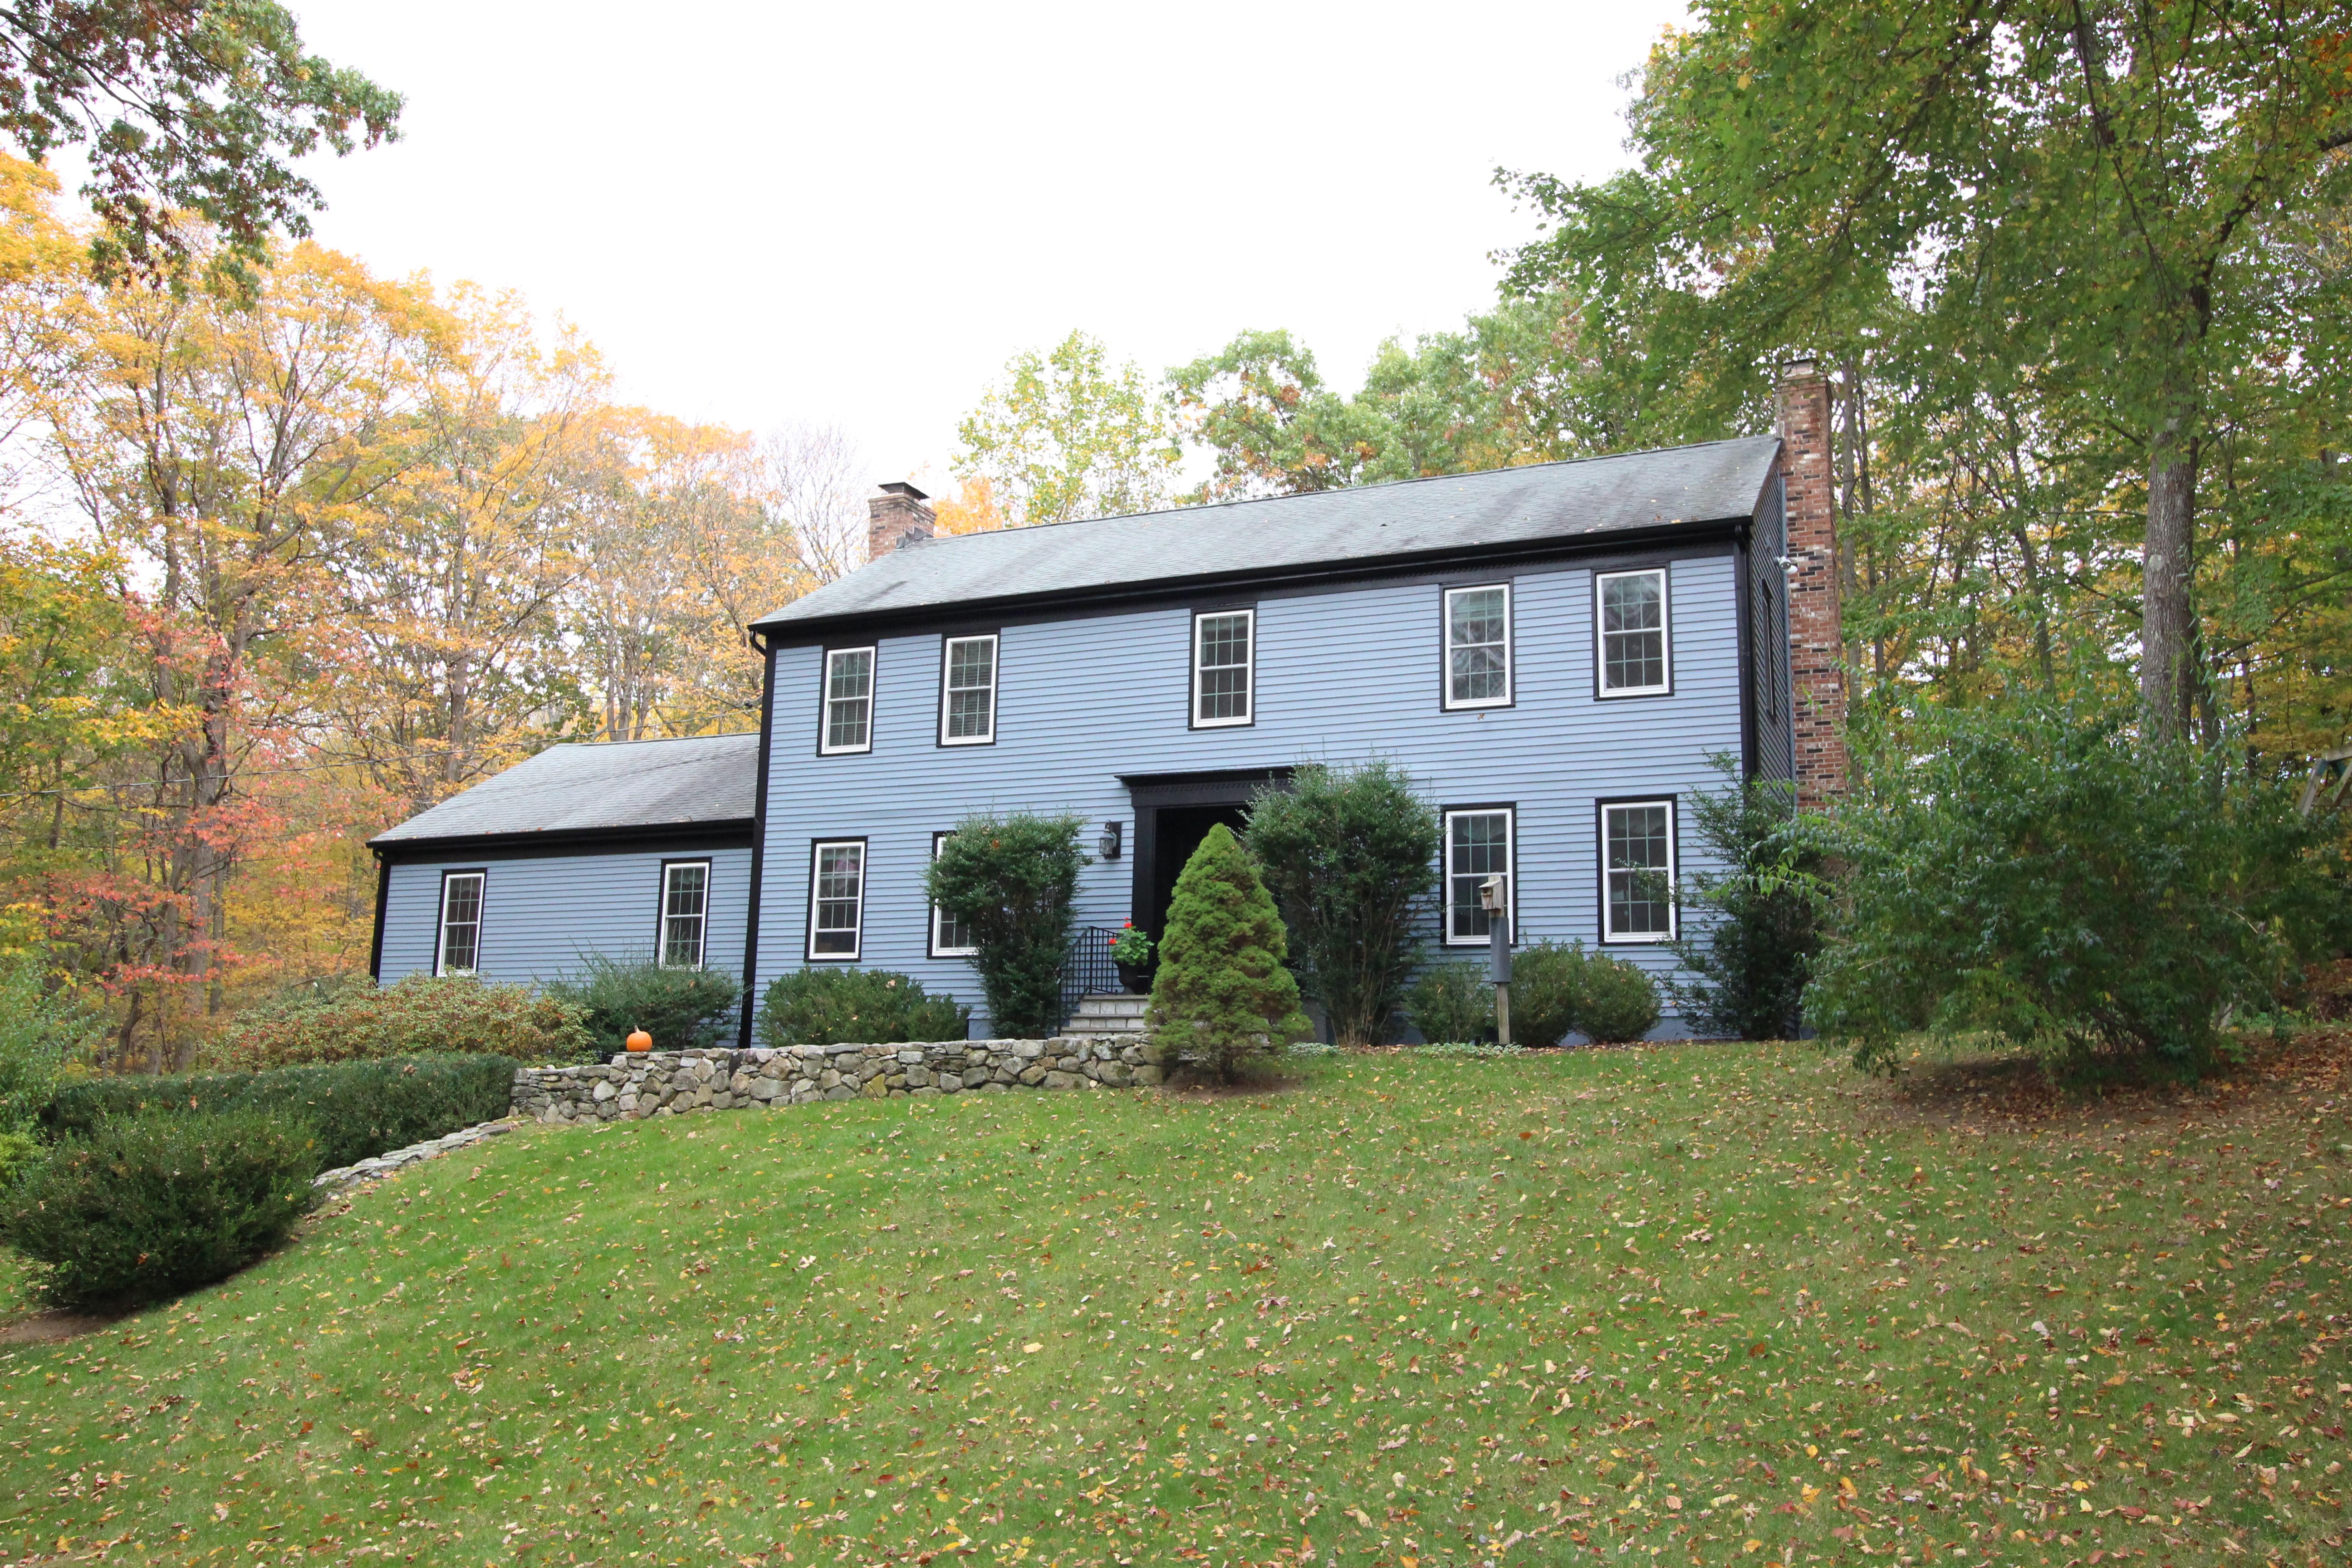 独户住宅 为 销售 在 One of Wilton's Best Neighborhoods 78 Thunder Lake Road 威尔顿, 康涅狄格州, 06897 美国